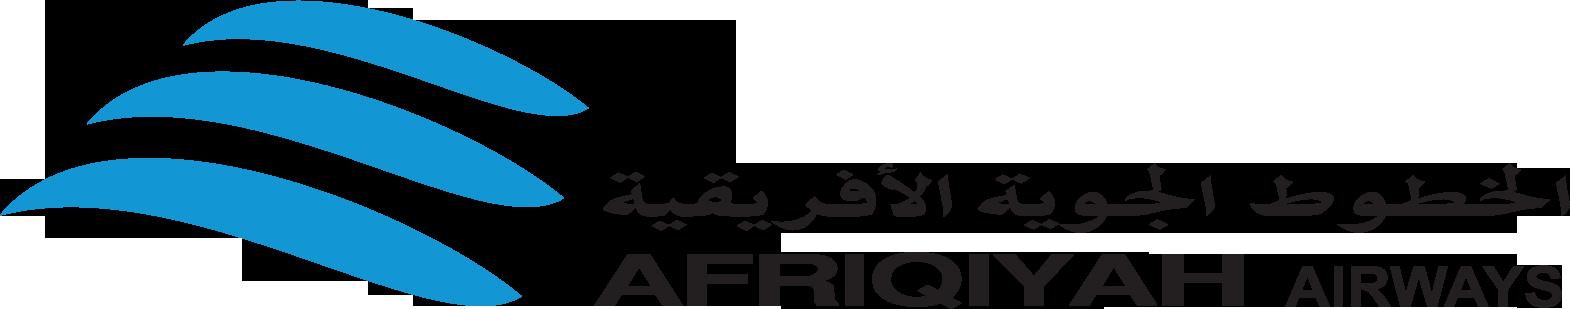 air afriqiyah transparent 2